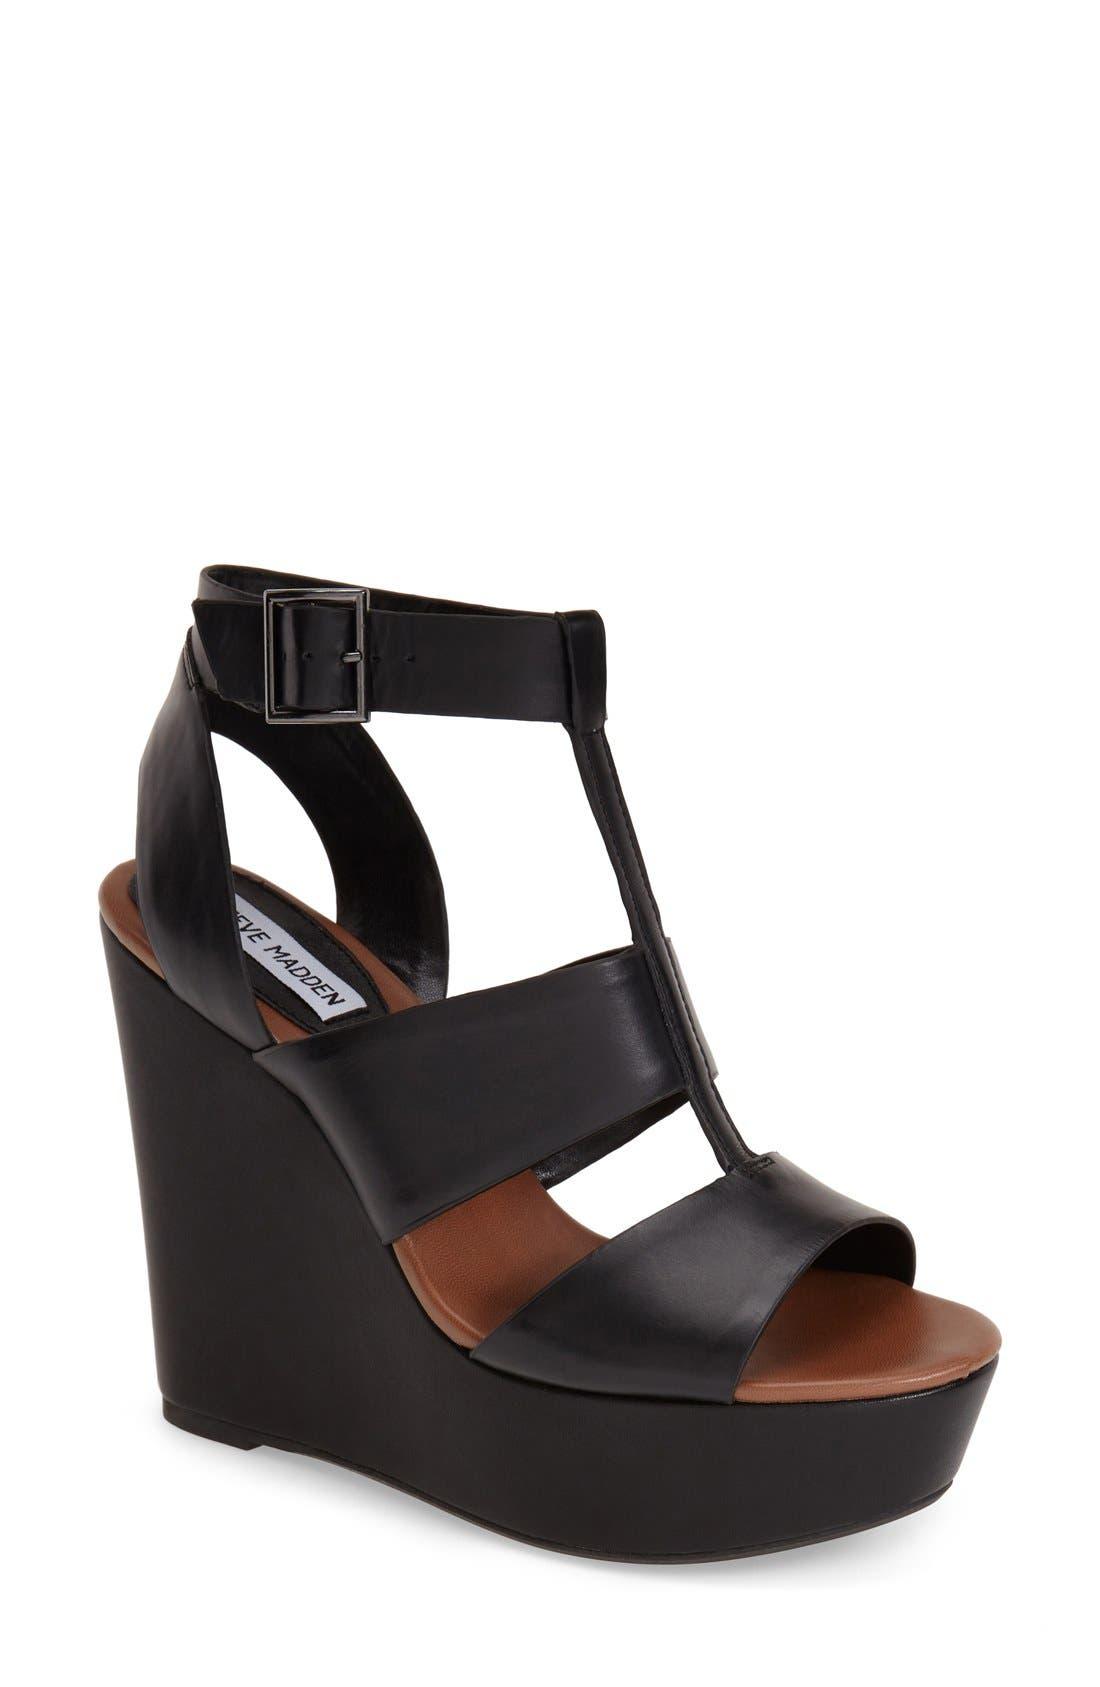 STEVE MADDEN 'Keenia' Wedge Sandal, Main, color, 001